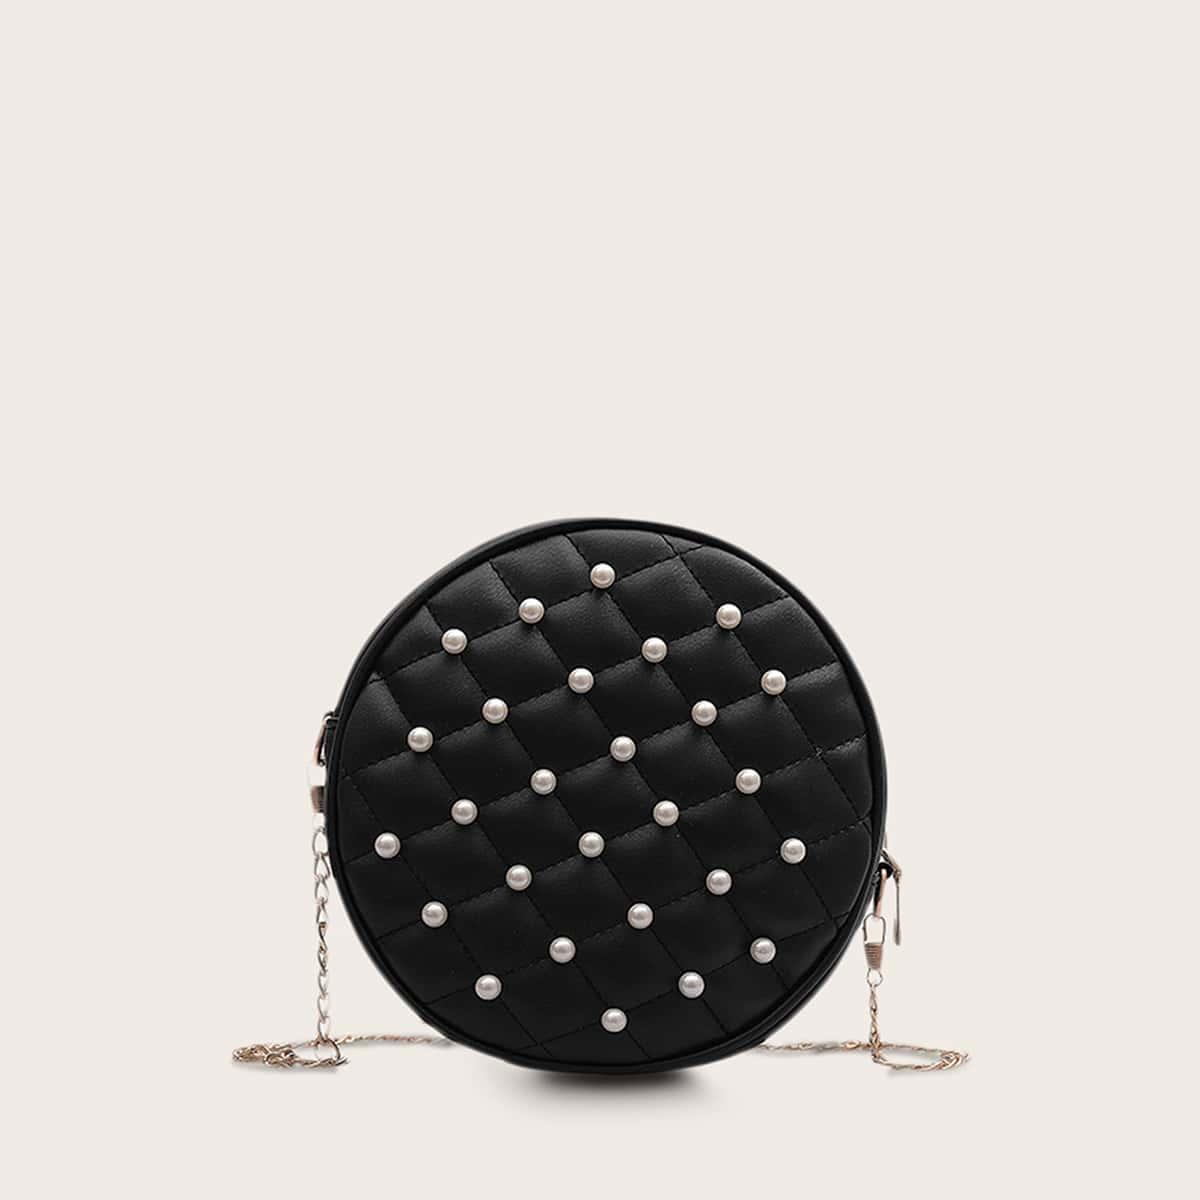 Стеганая сумка на цепочке с искусственными жемчугами